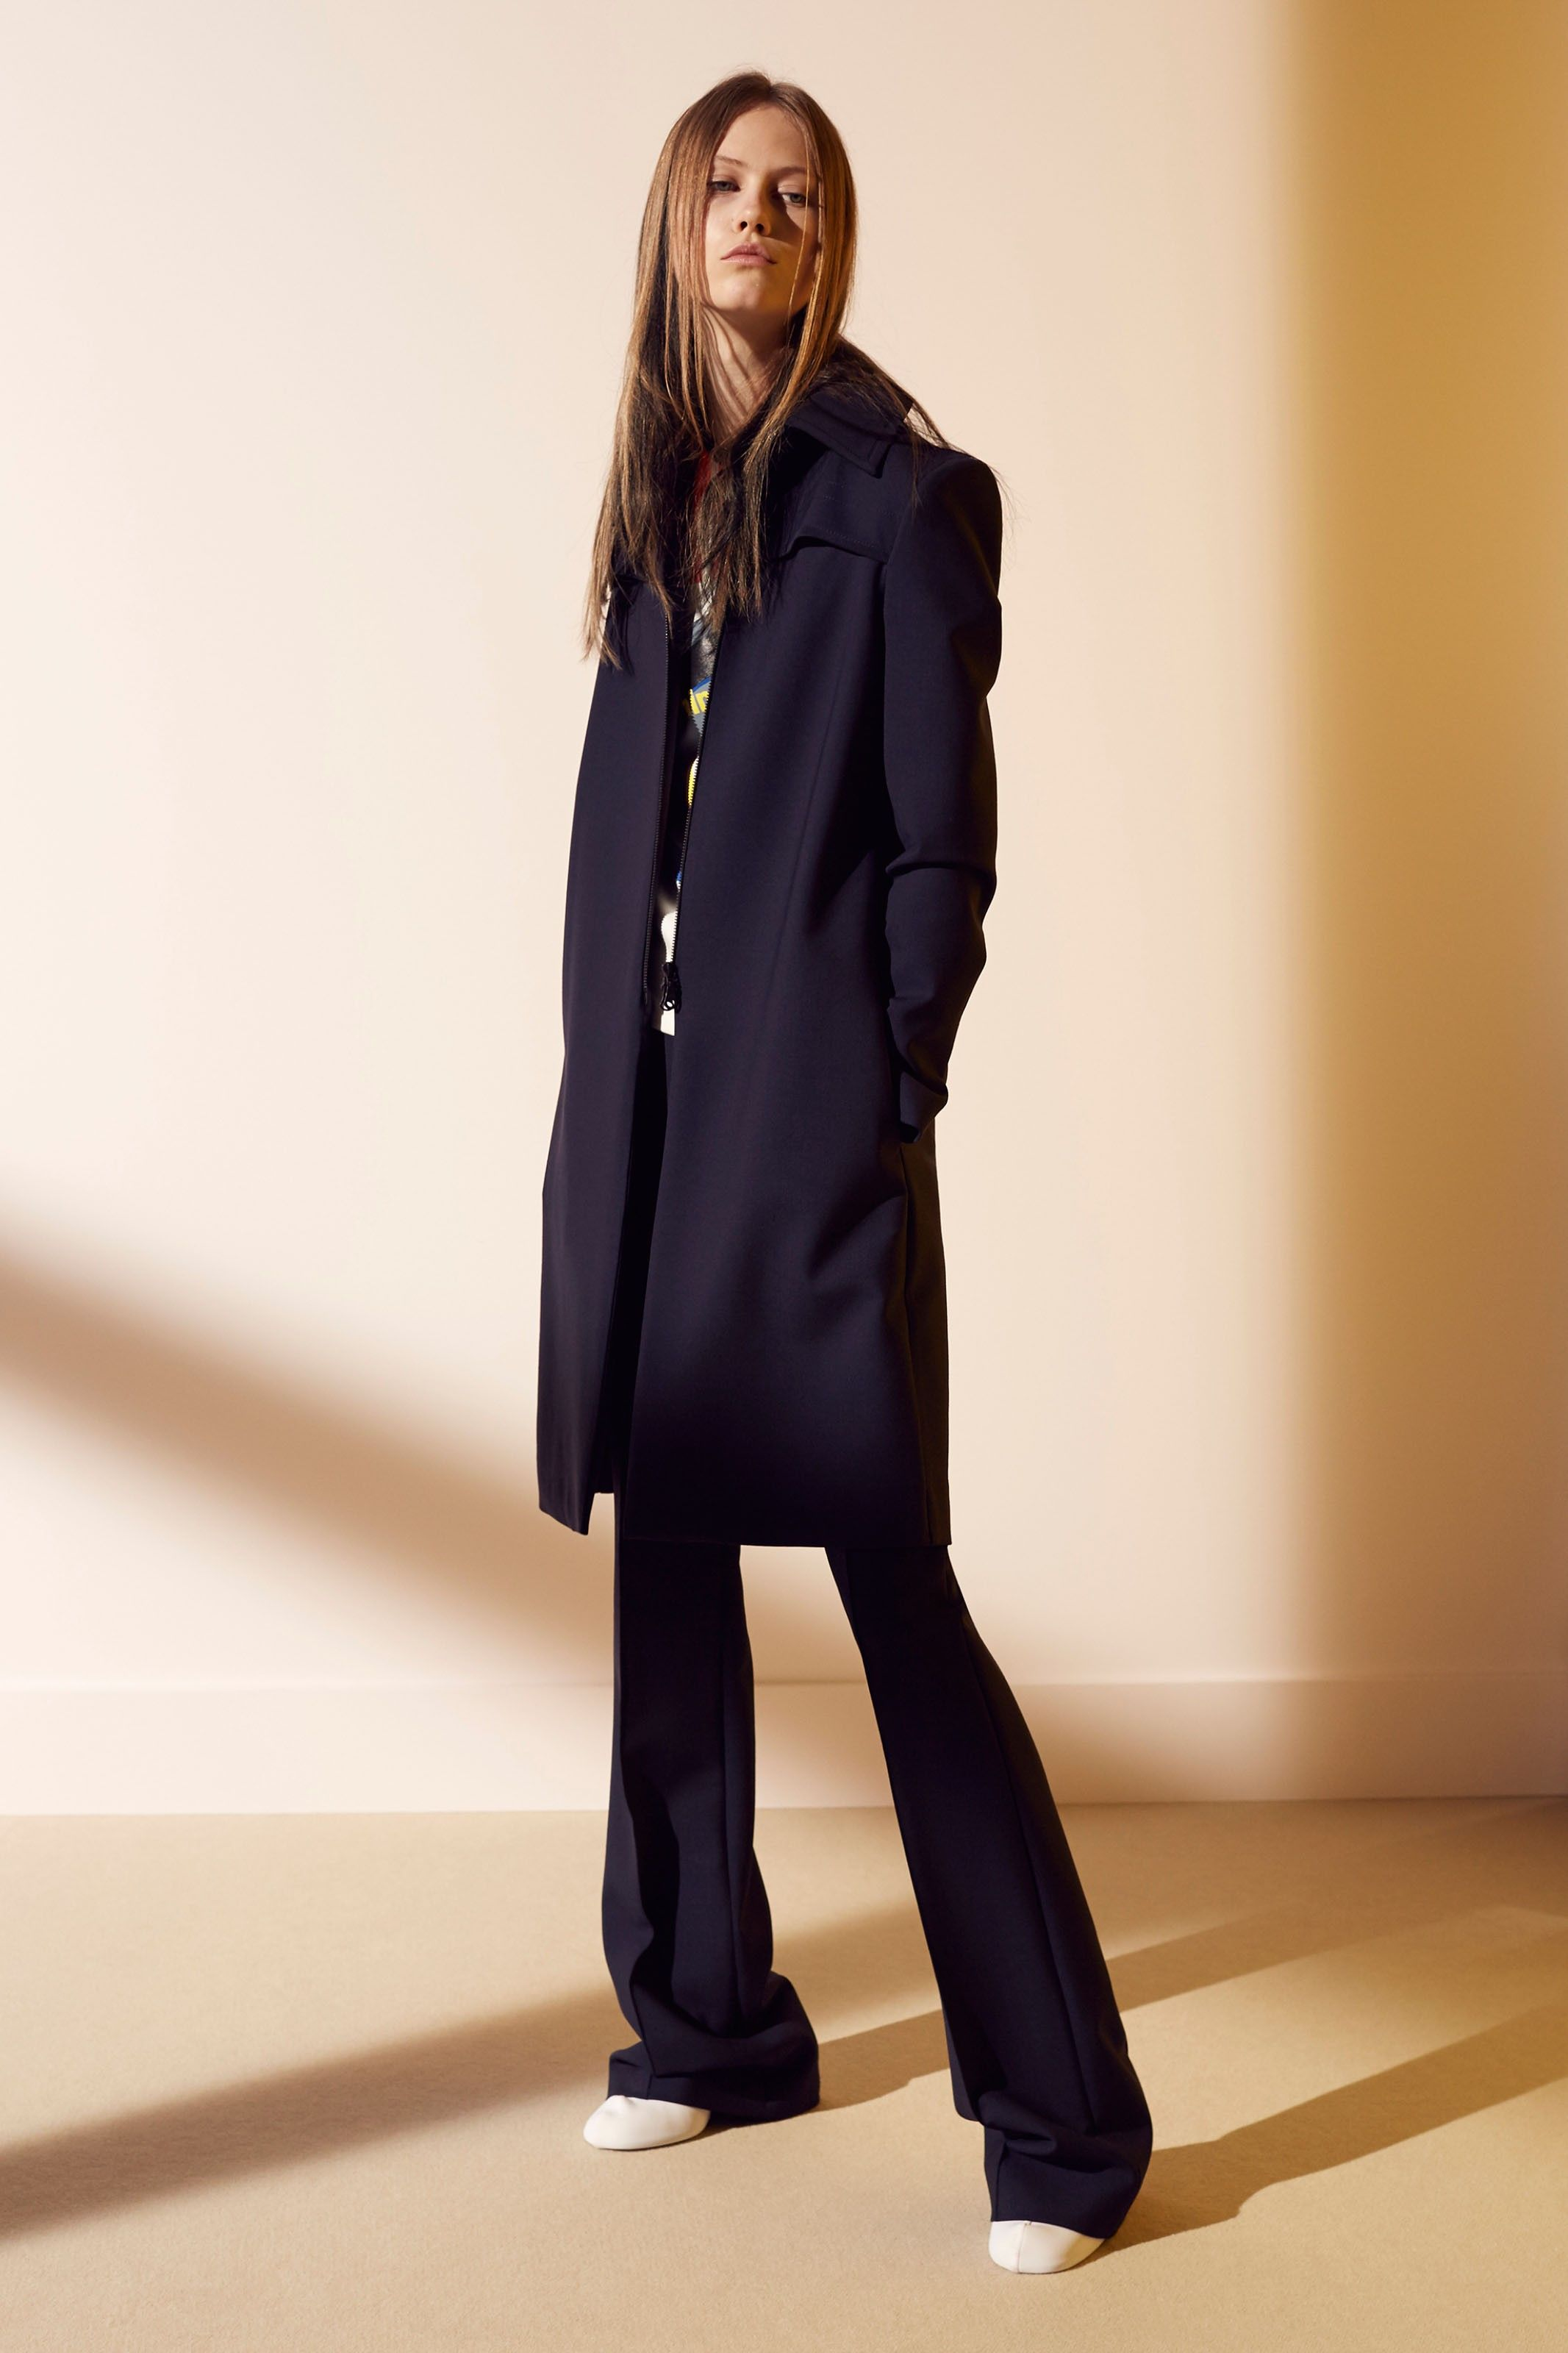 Sponge Wool Long Sleeve Jacket | Dream Tee | Sponge Wool Flare Trouser